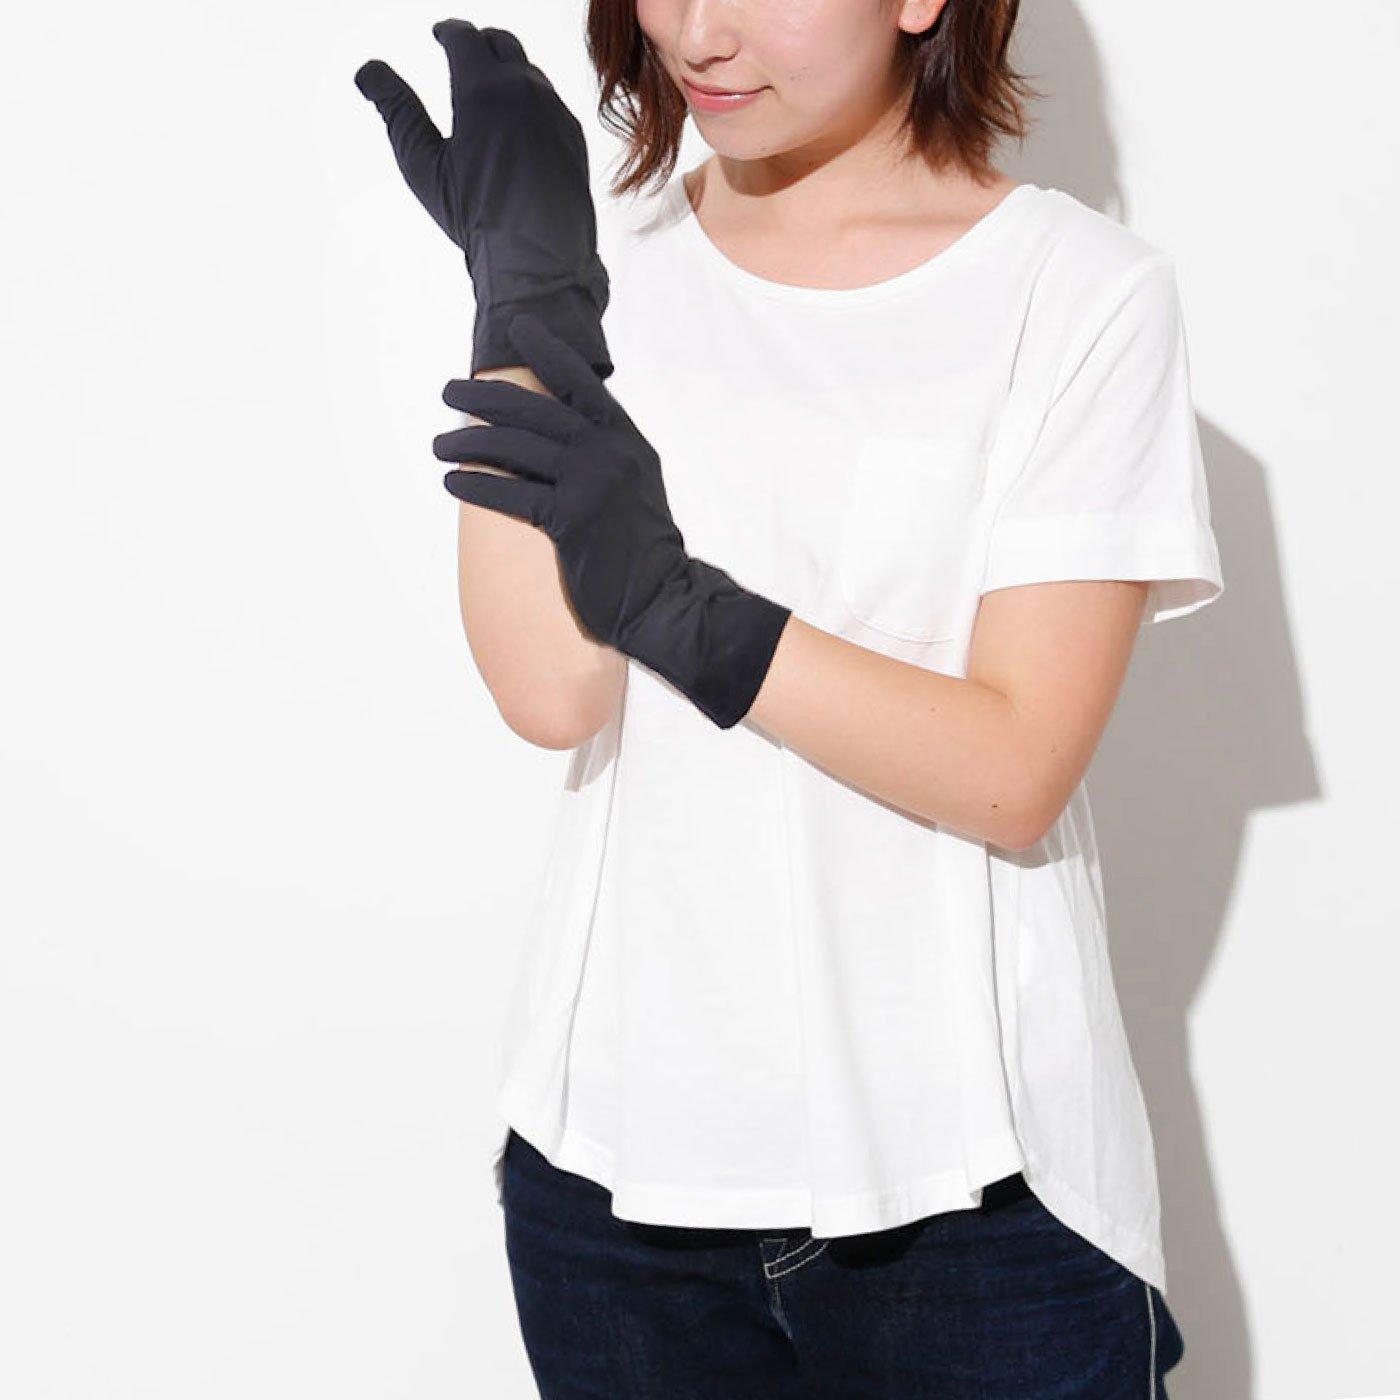 可憐な袖口リボン 抗菌&UV手袋